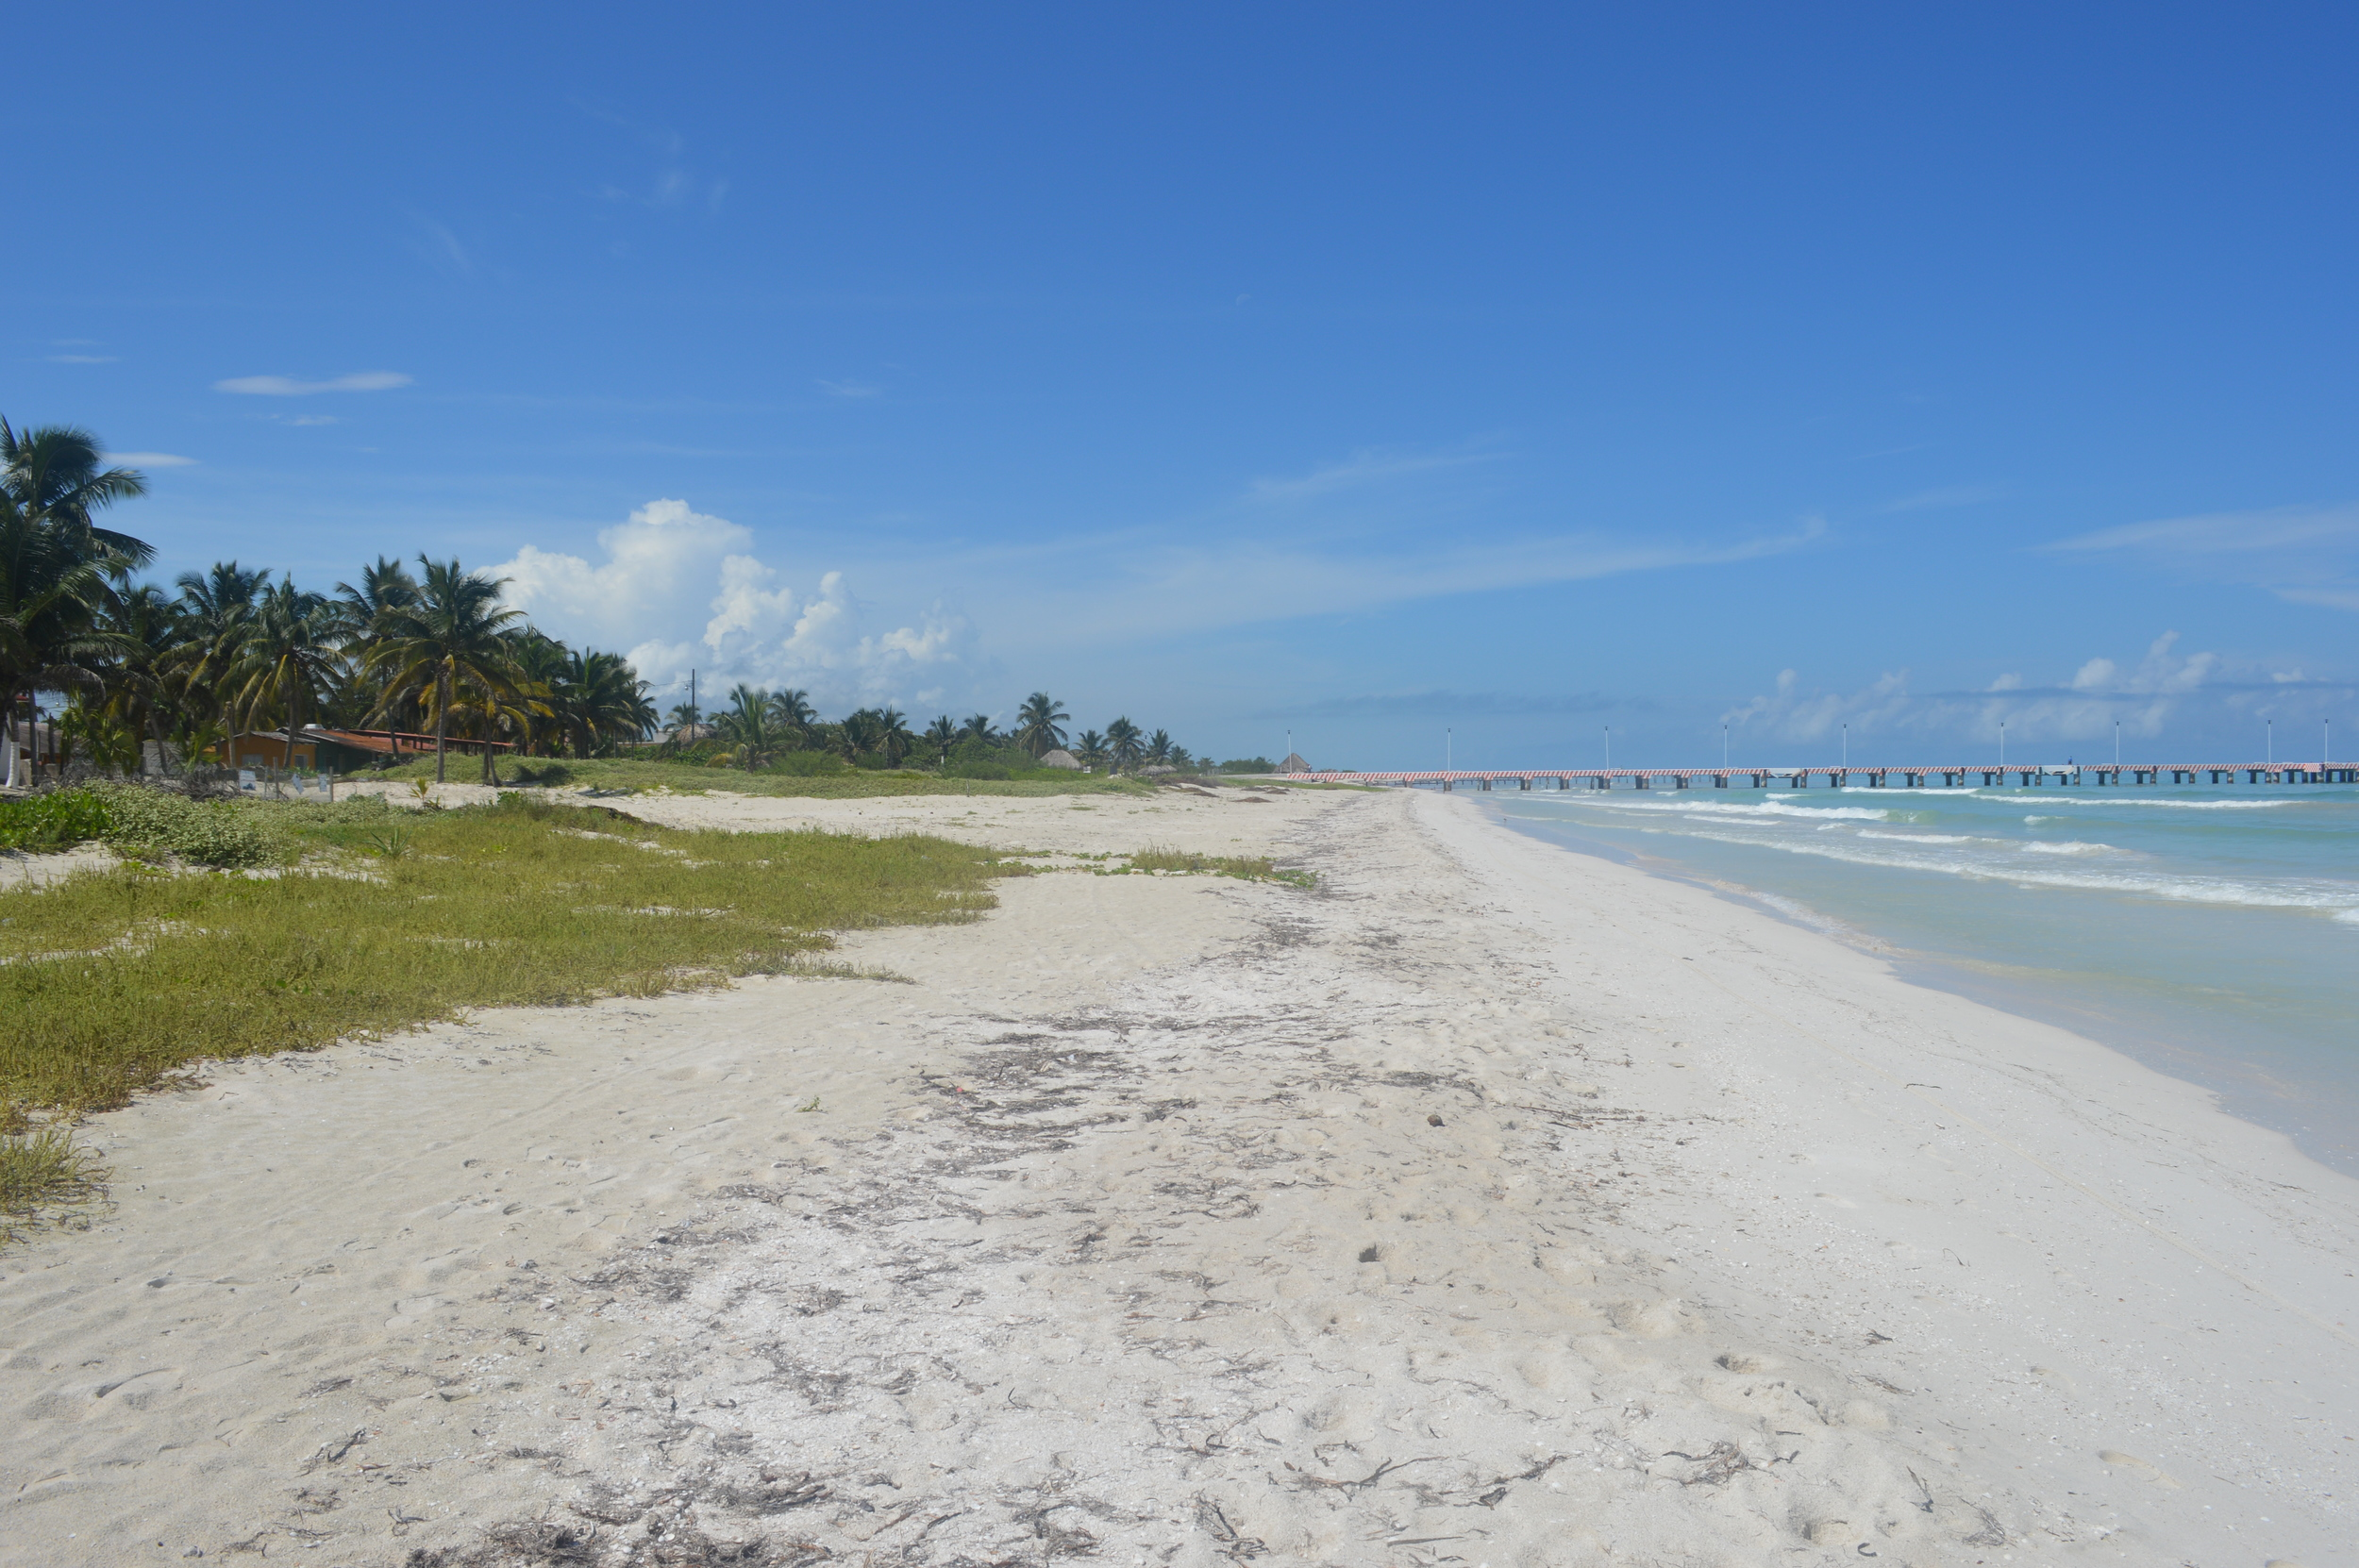 60 kms white Sandy beach Las Casitas El Cuyo